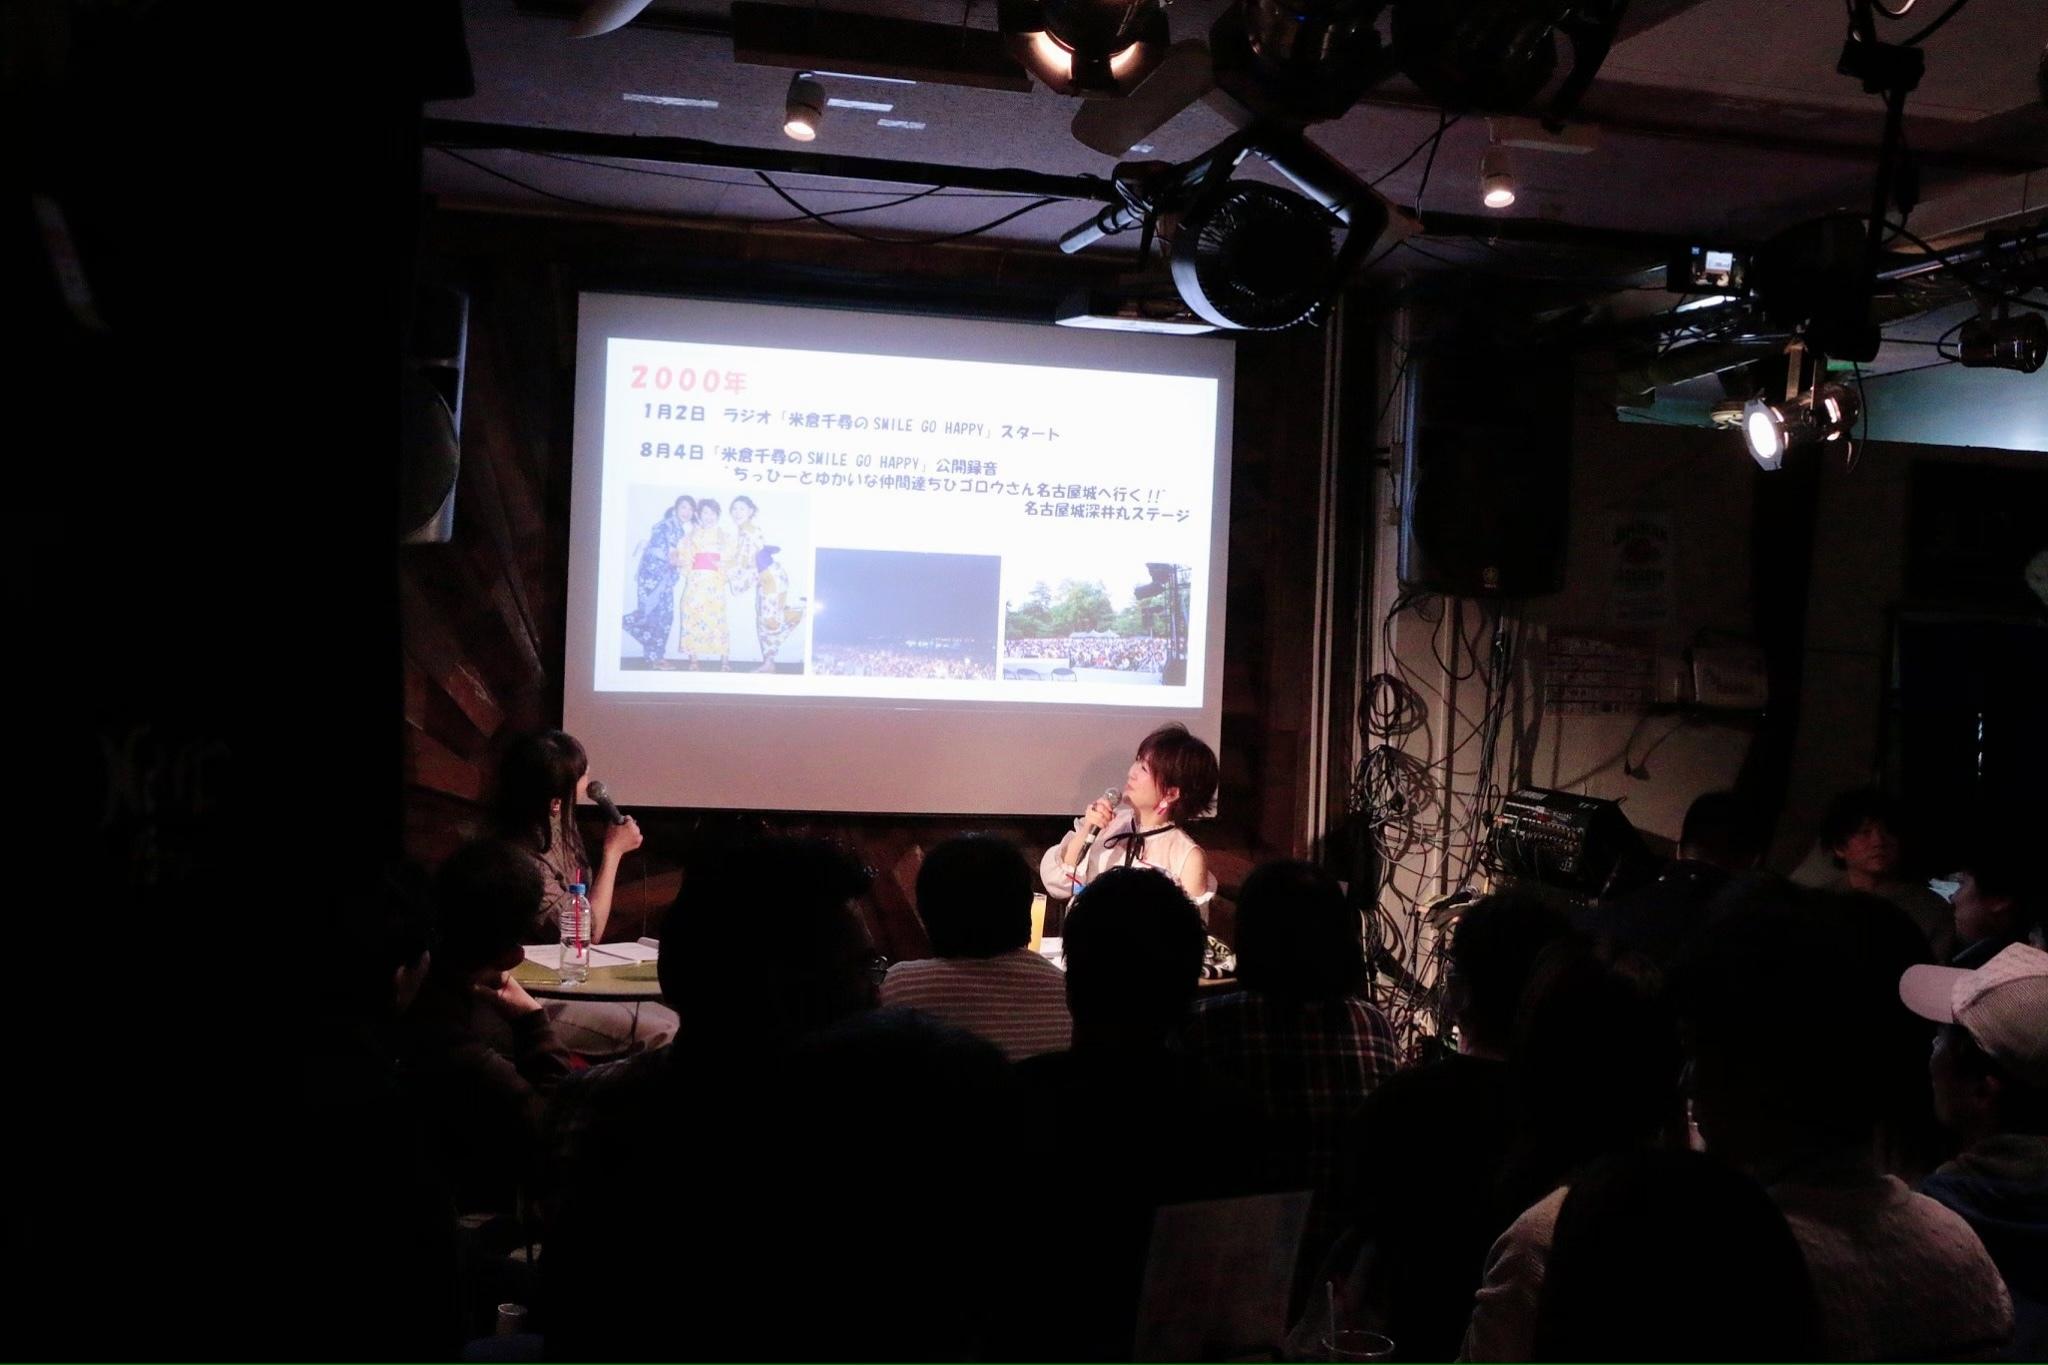 「米倉千尋25年目、行きまーす!トーク&プチLIVE」ご報告詳細レポート🎊_a0114206_16201597.jpeg